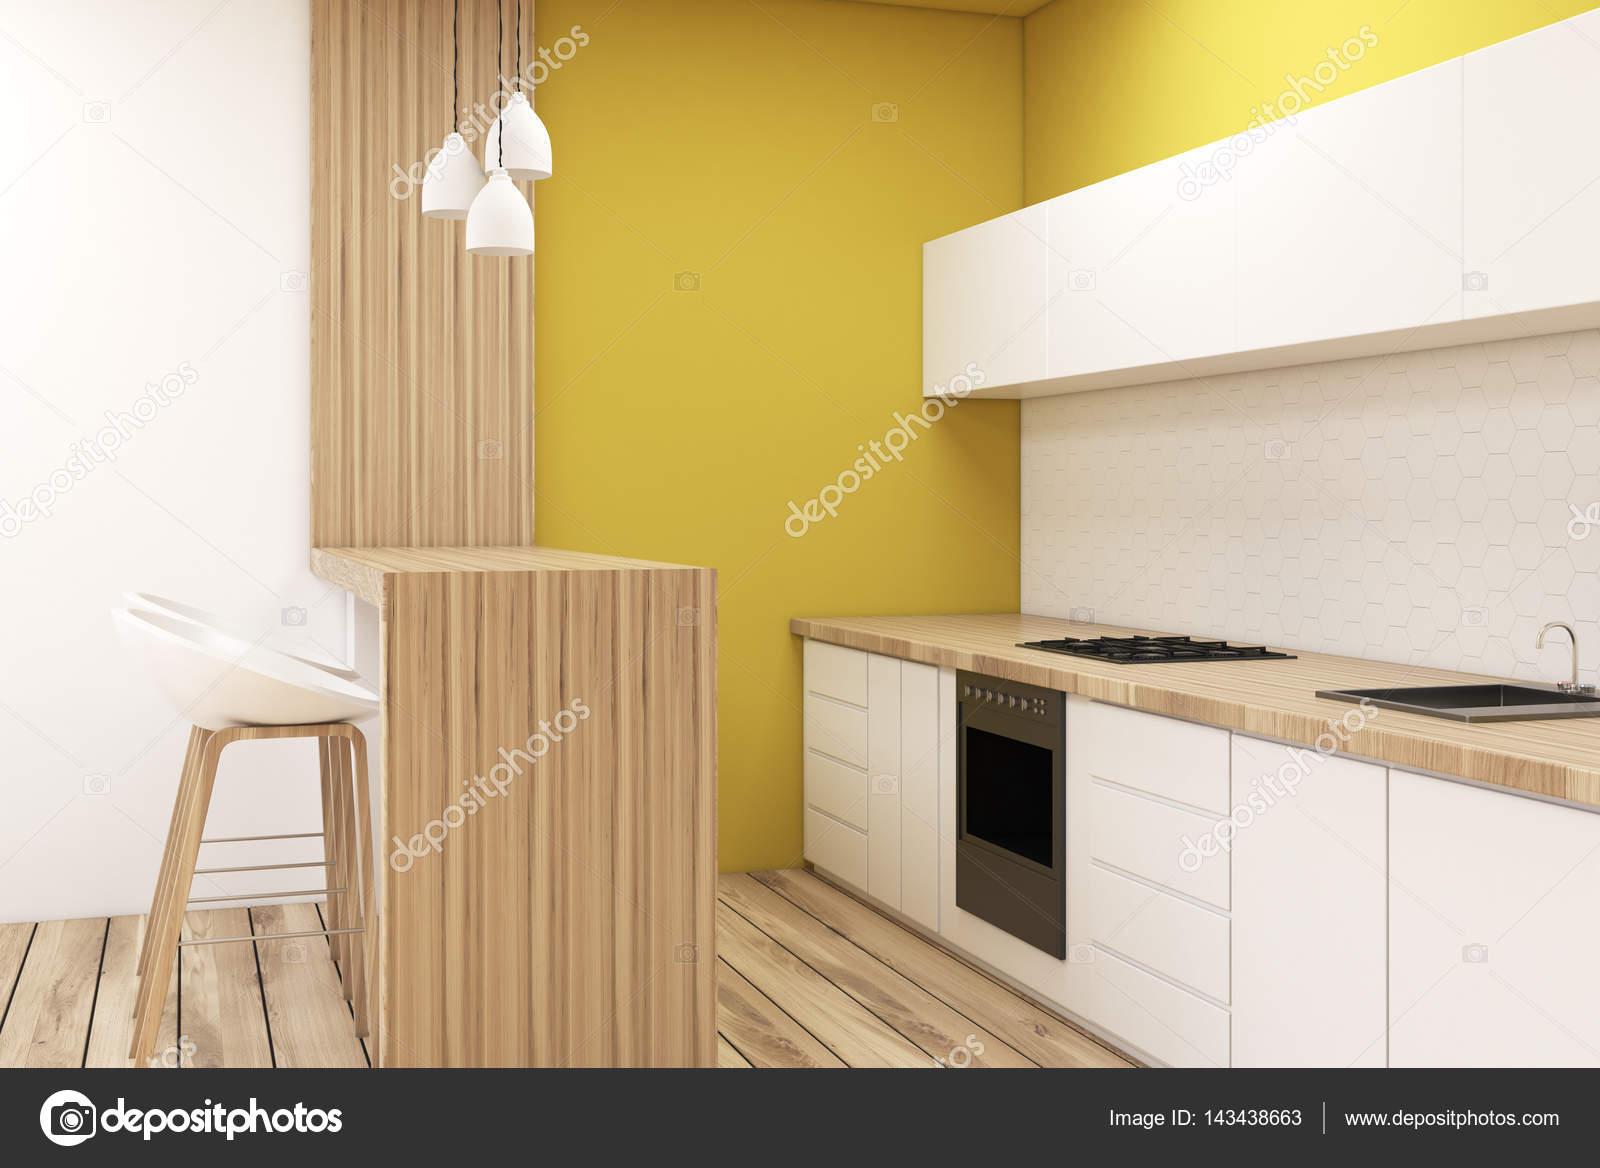 Keuken in een studio appartement u stockfoto denisismagilov